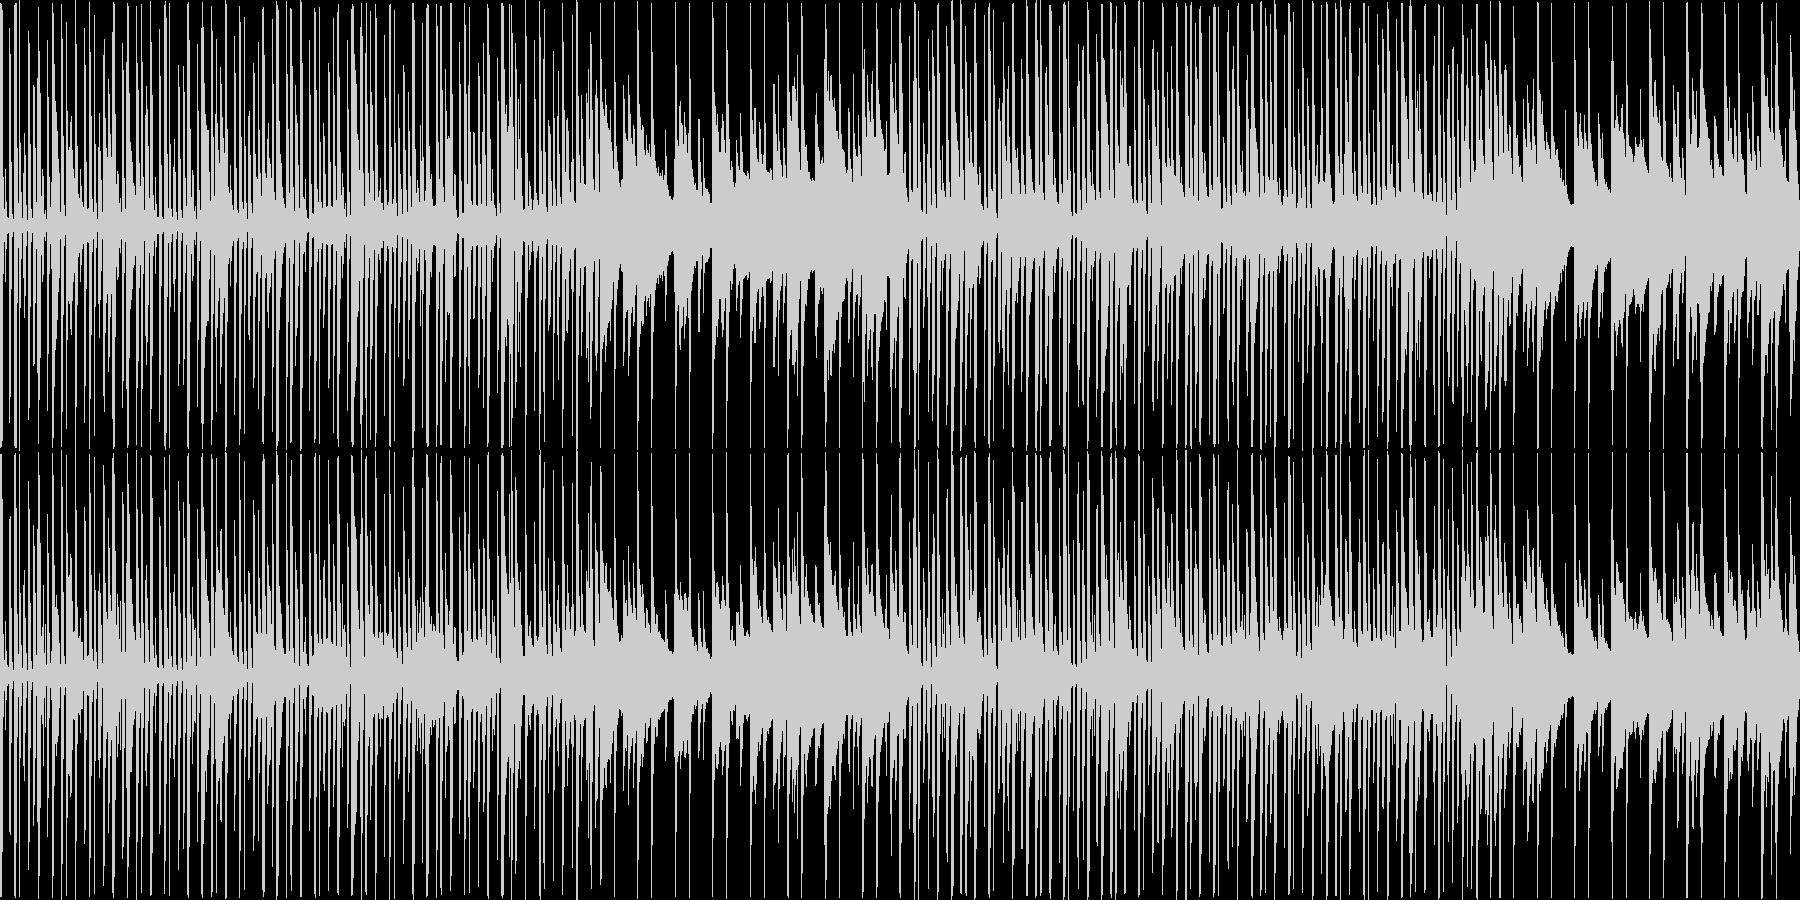 のどか11の未再生の波形